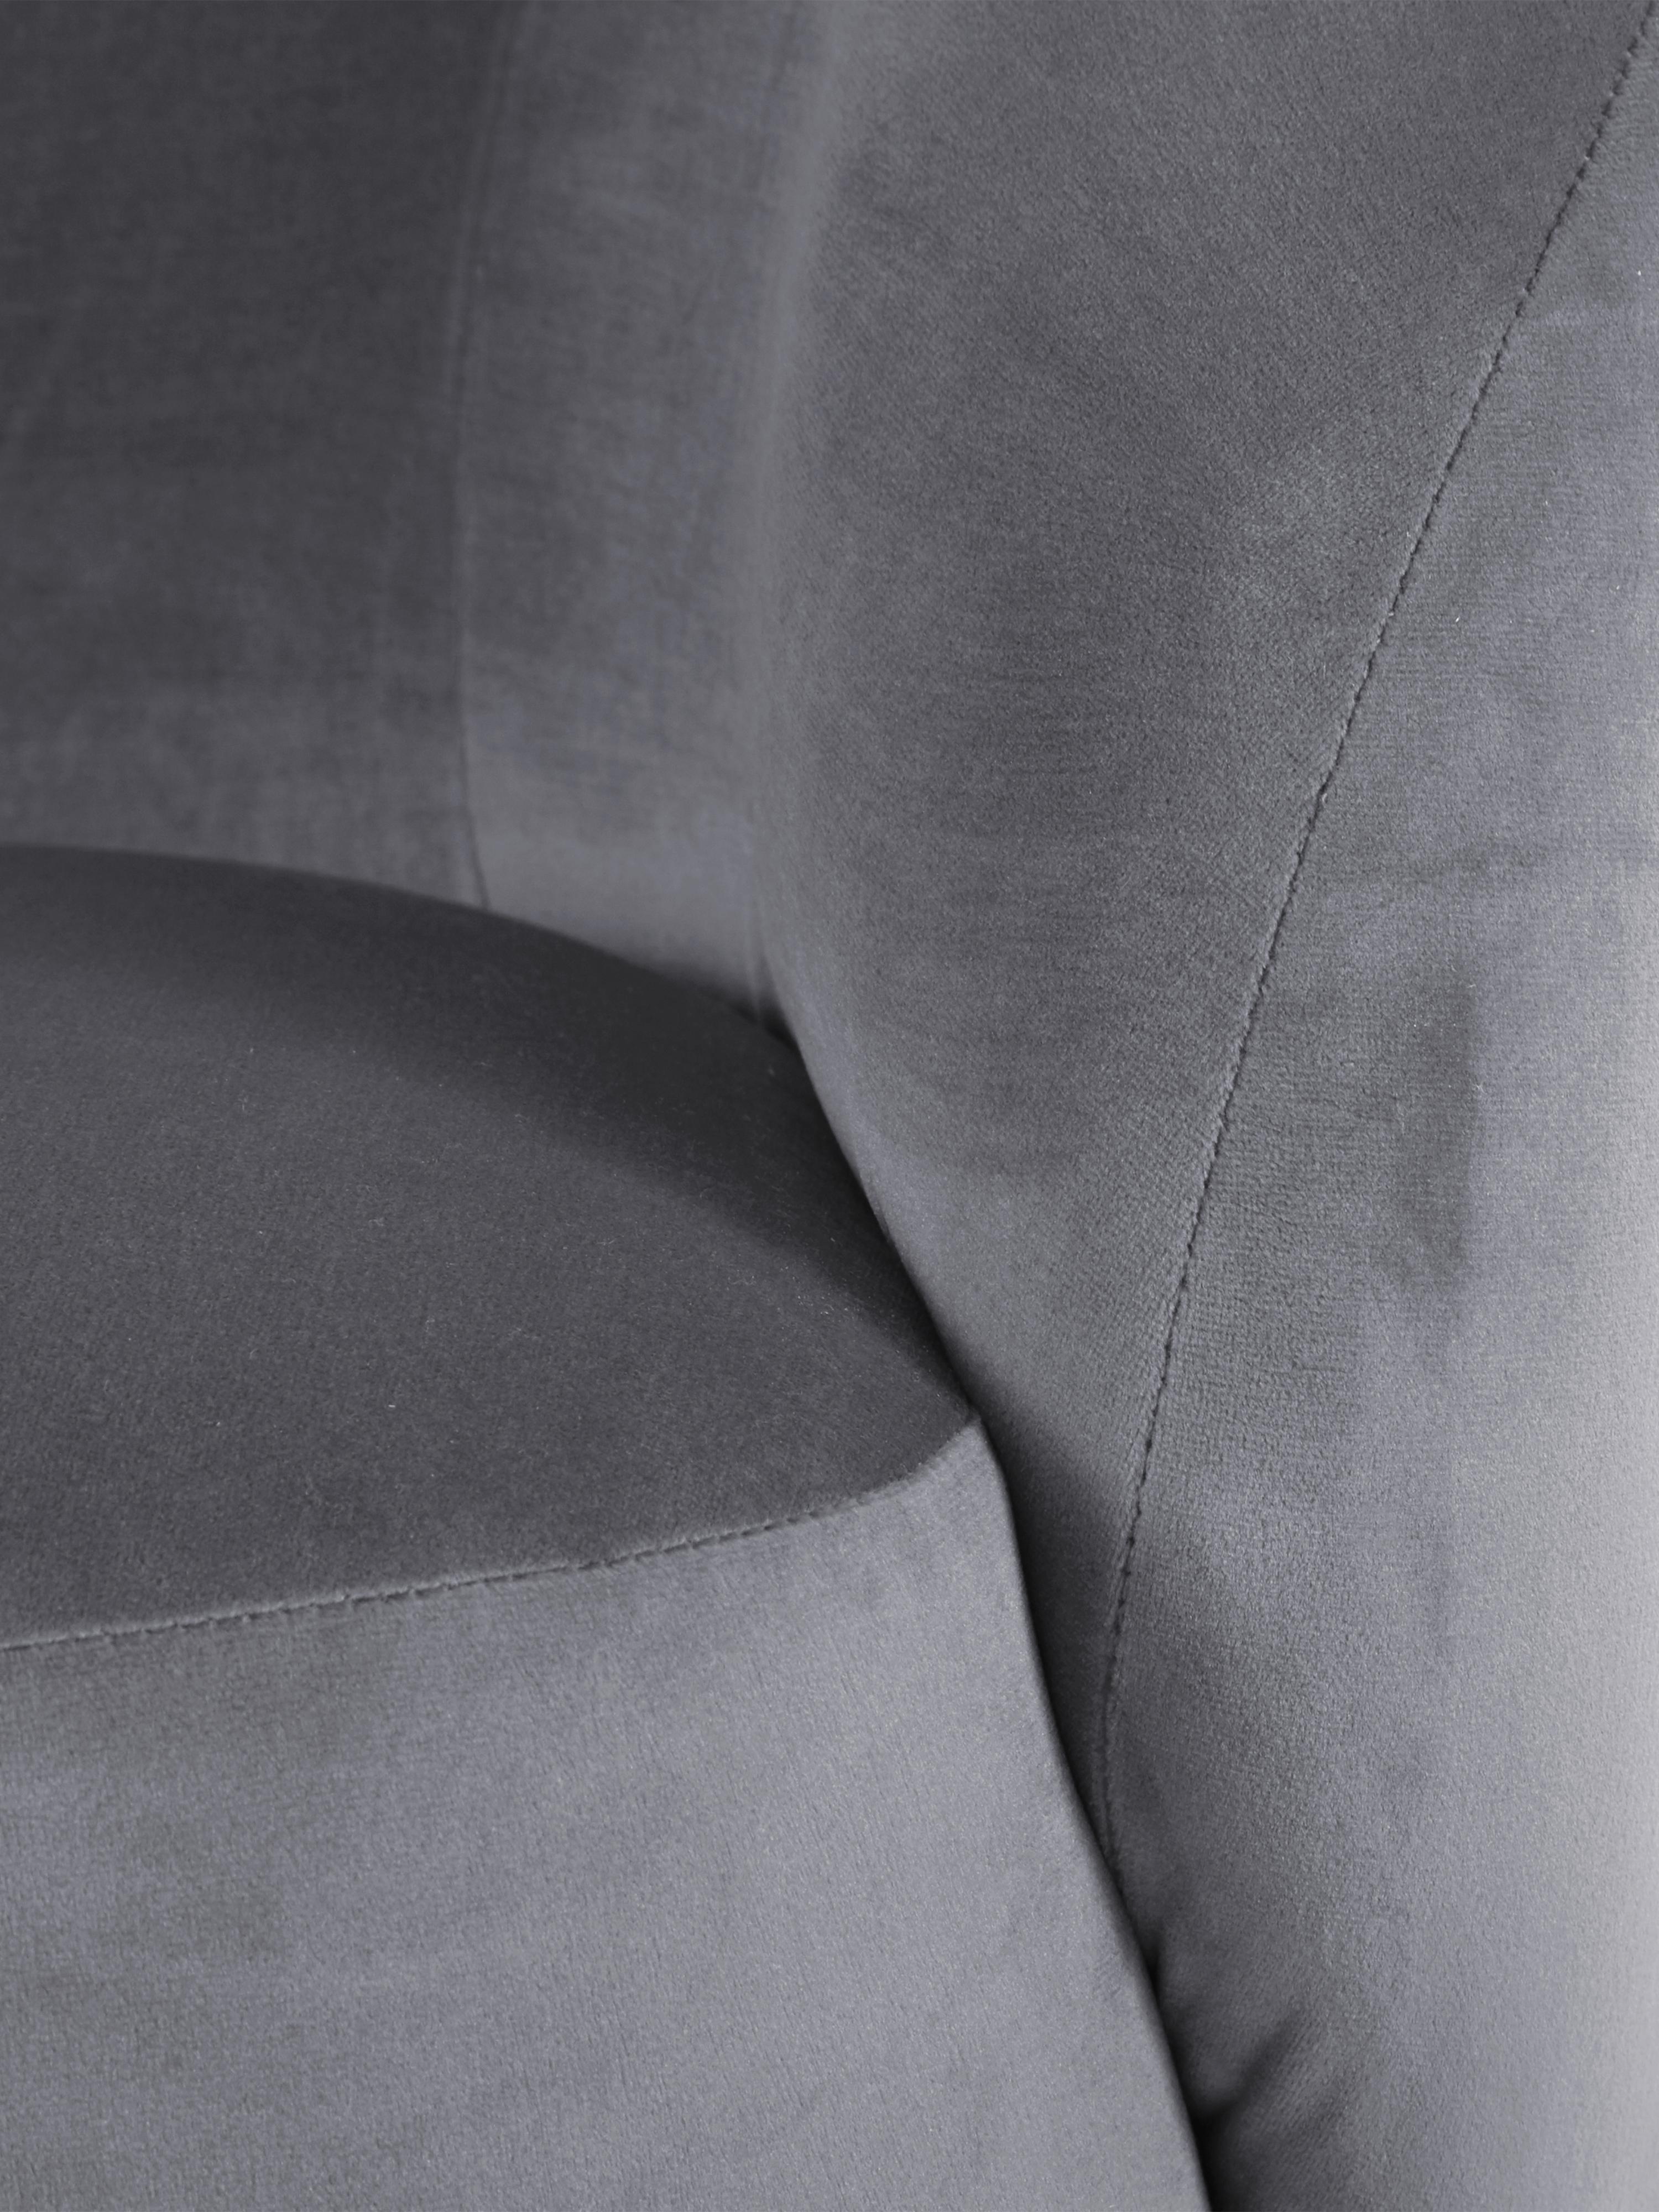 Poltrona in velluto Freja, Rivestimento: velluto (poliestere) 30.0, Piedini: metallo, verniciato a pol, Rivestimento: grigio Piedini: nero opaco, Larg. 65 x Prof. 72 cm